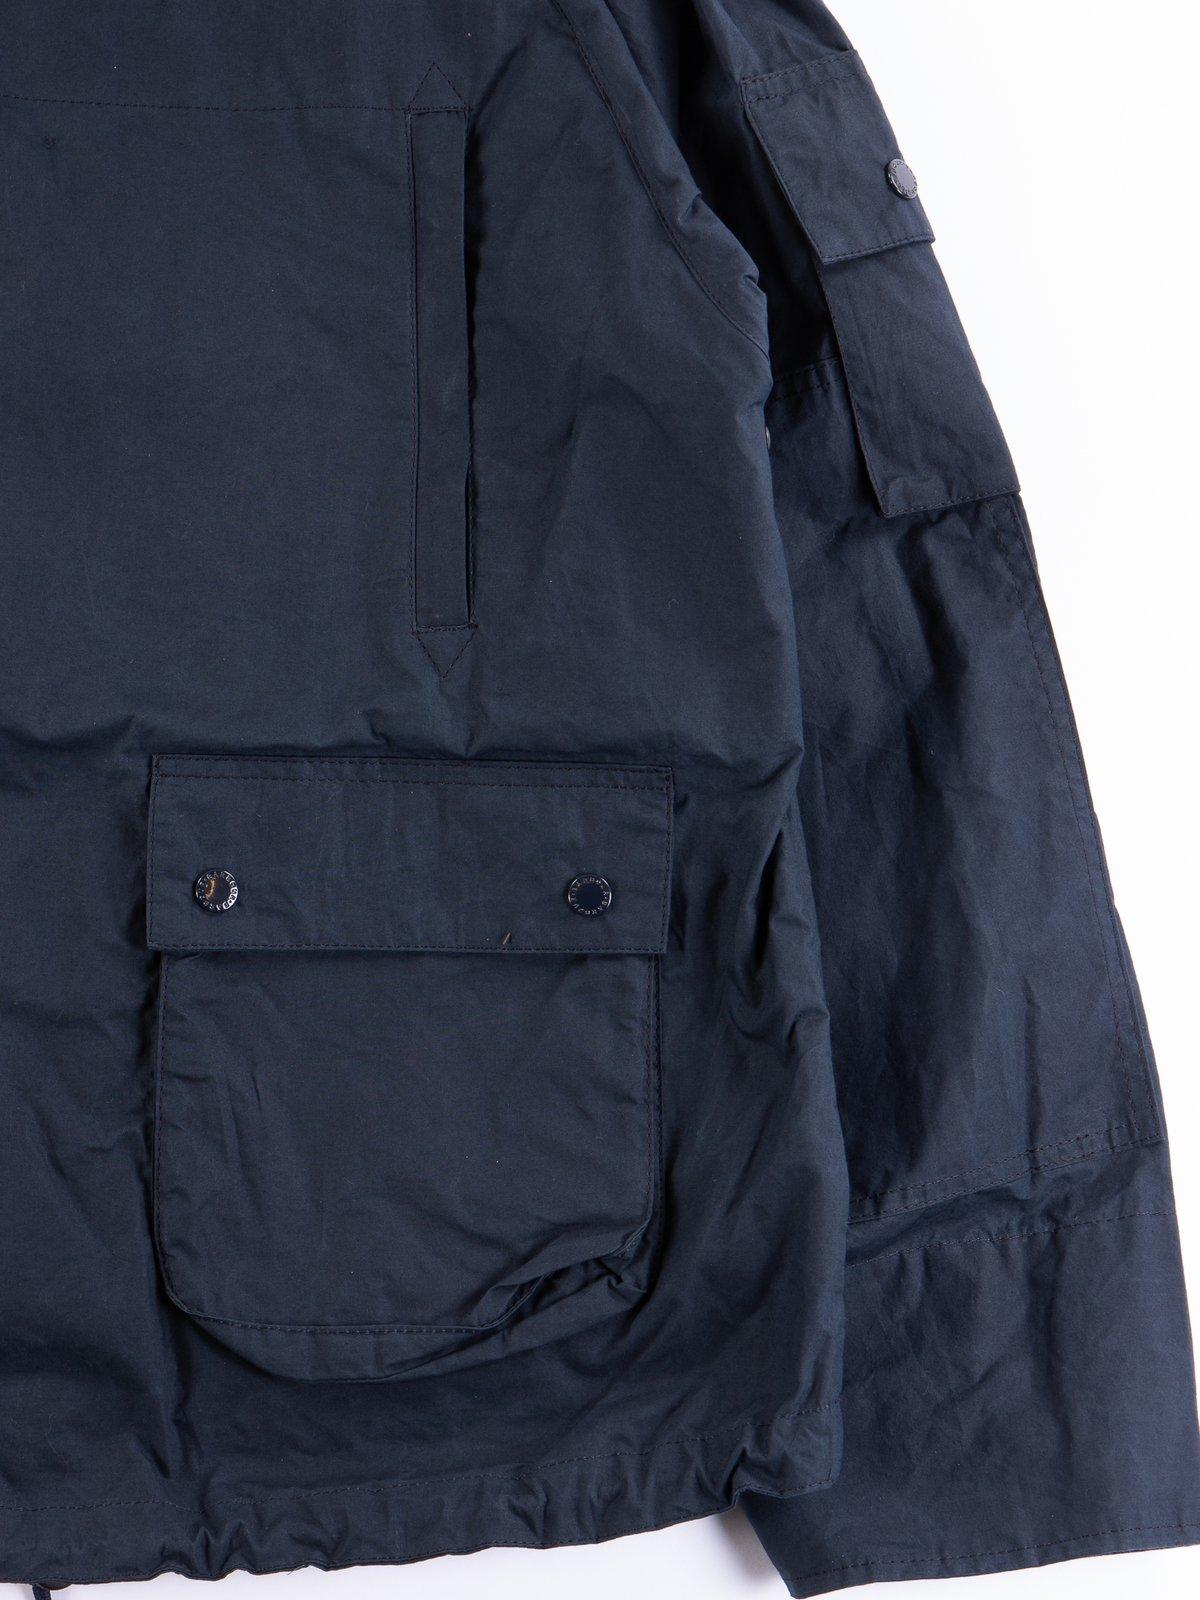 Navy Thompson Jacket - Image 7